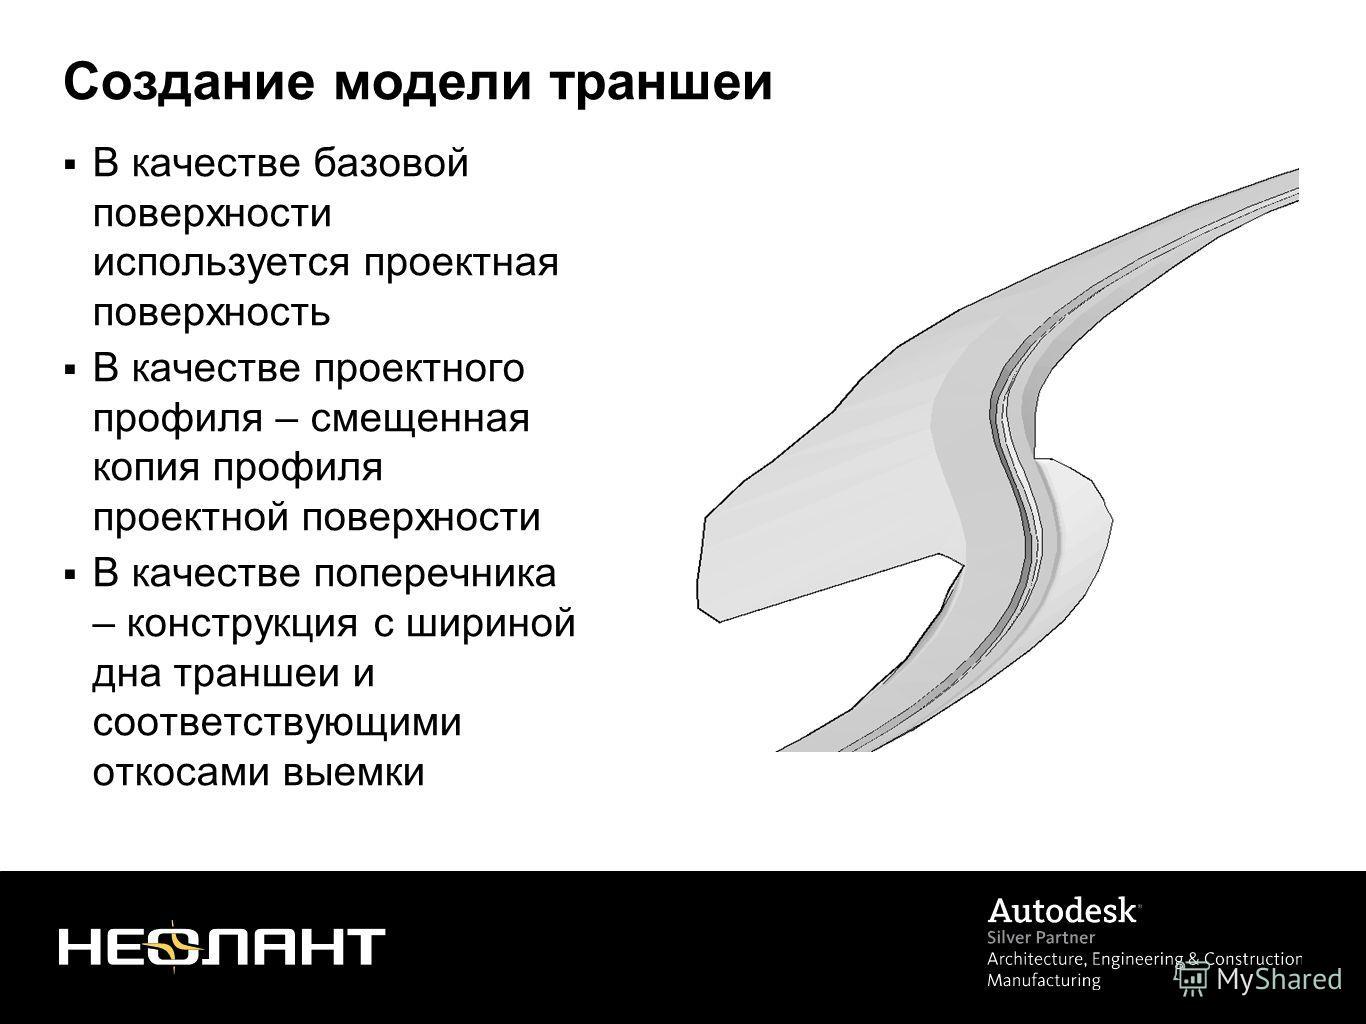 Создание модели траншеи В качестве базовой поверхности используется проектная поверхность В качестве проектного профиля – смещенная копия профиля проектной поверхности В качестве поперечника – конструкция с шириной дна траншеи и соответствующими отко